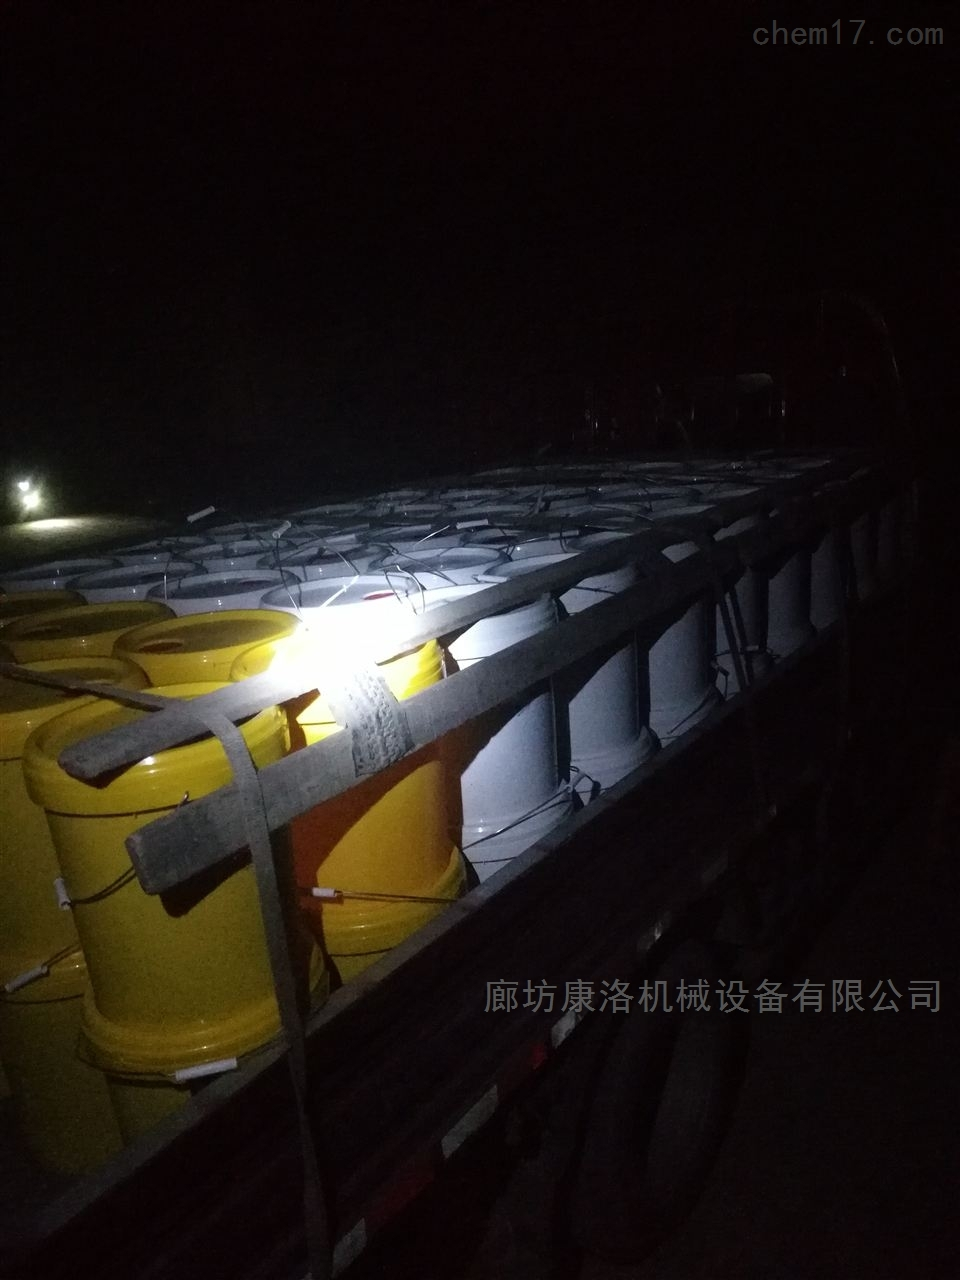 厂家自产自销硅质保温板小料改性剂